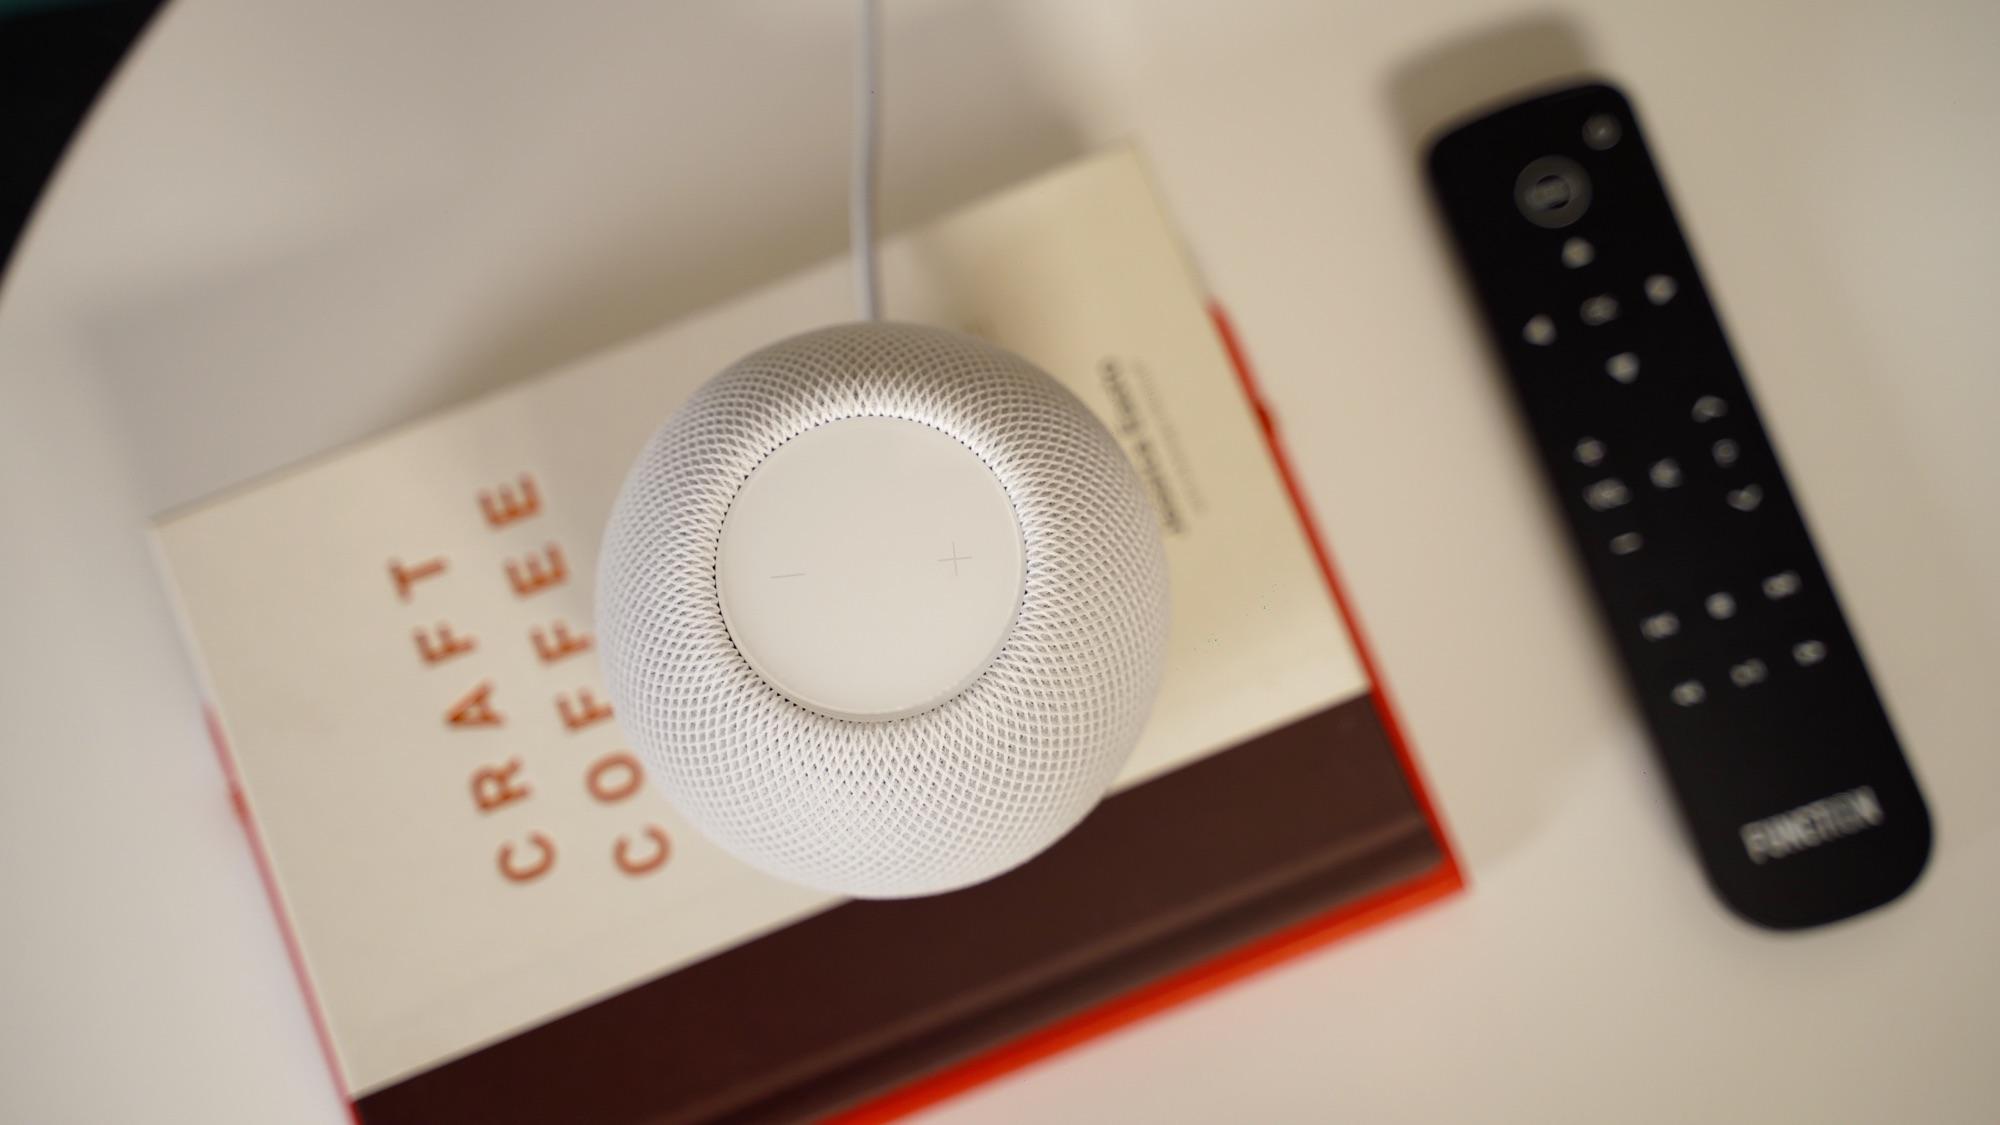 homepod-mini-on-a-book.jpg